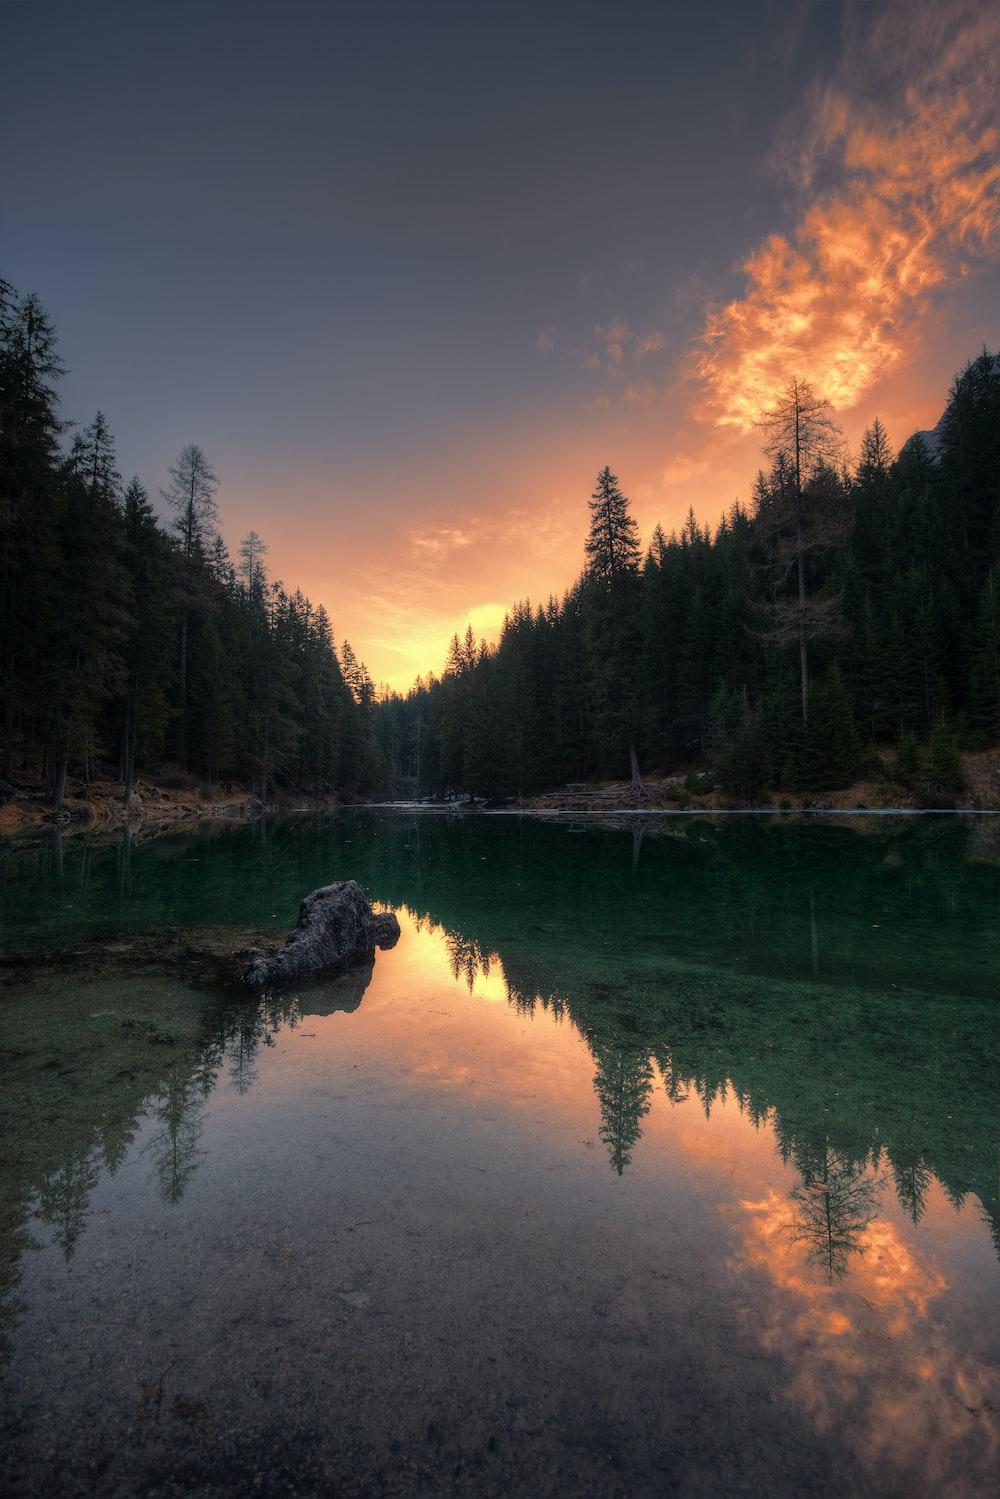 body of water in between trees